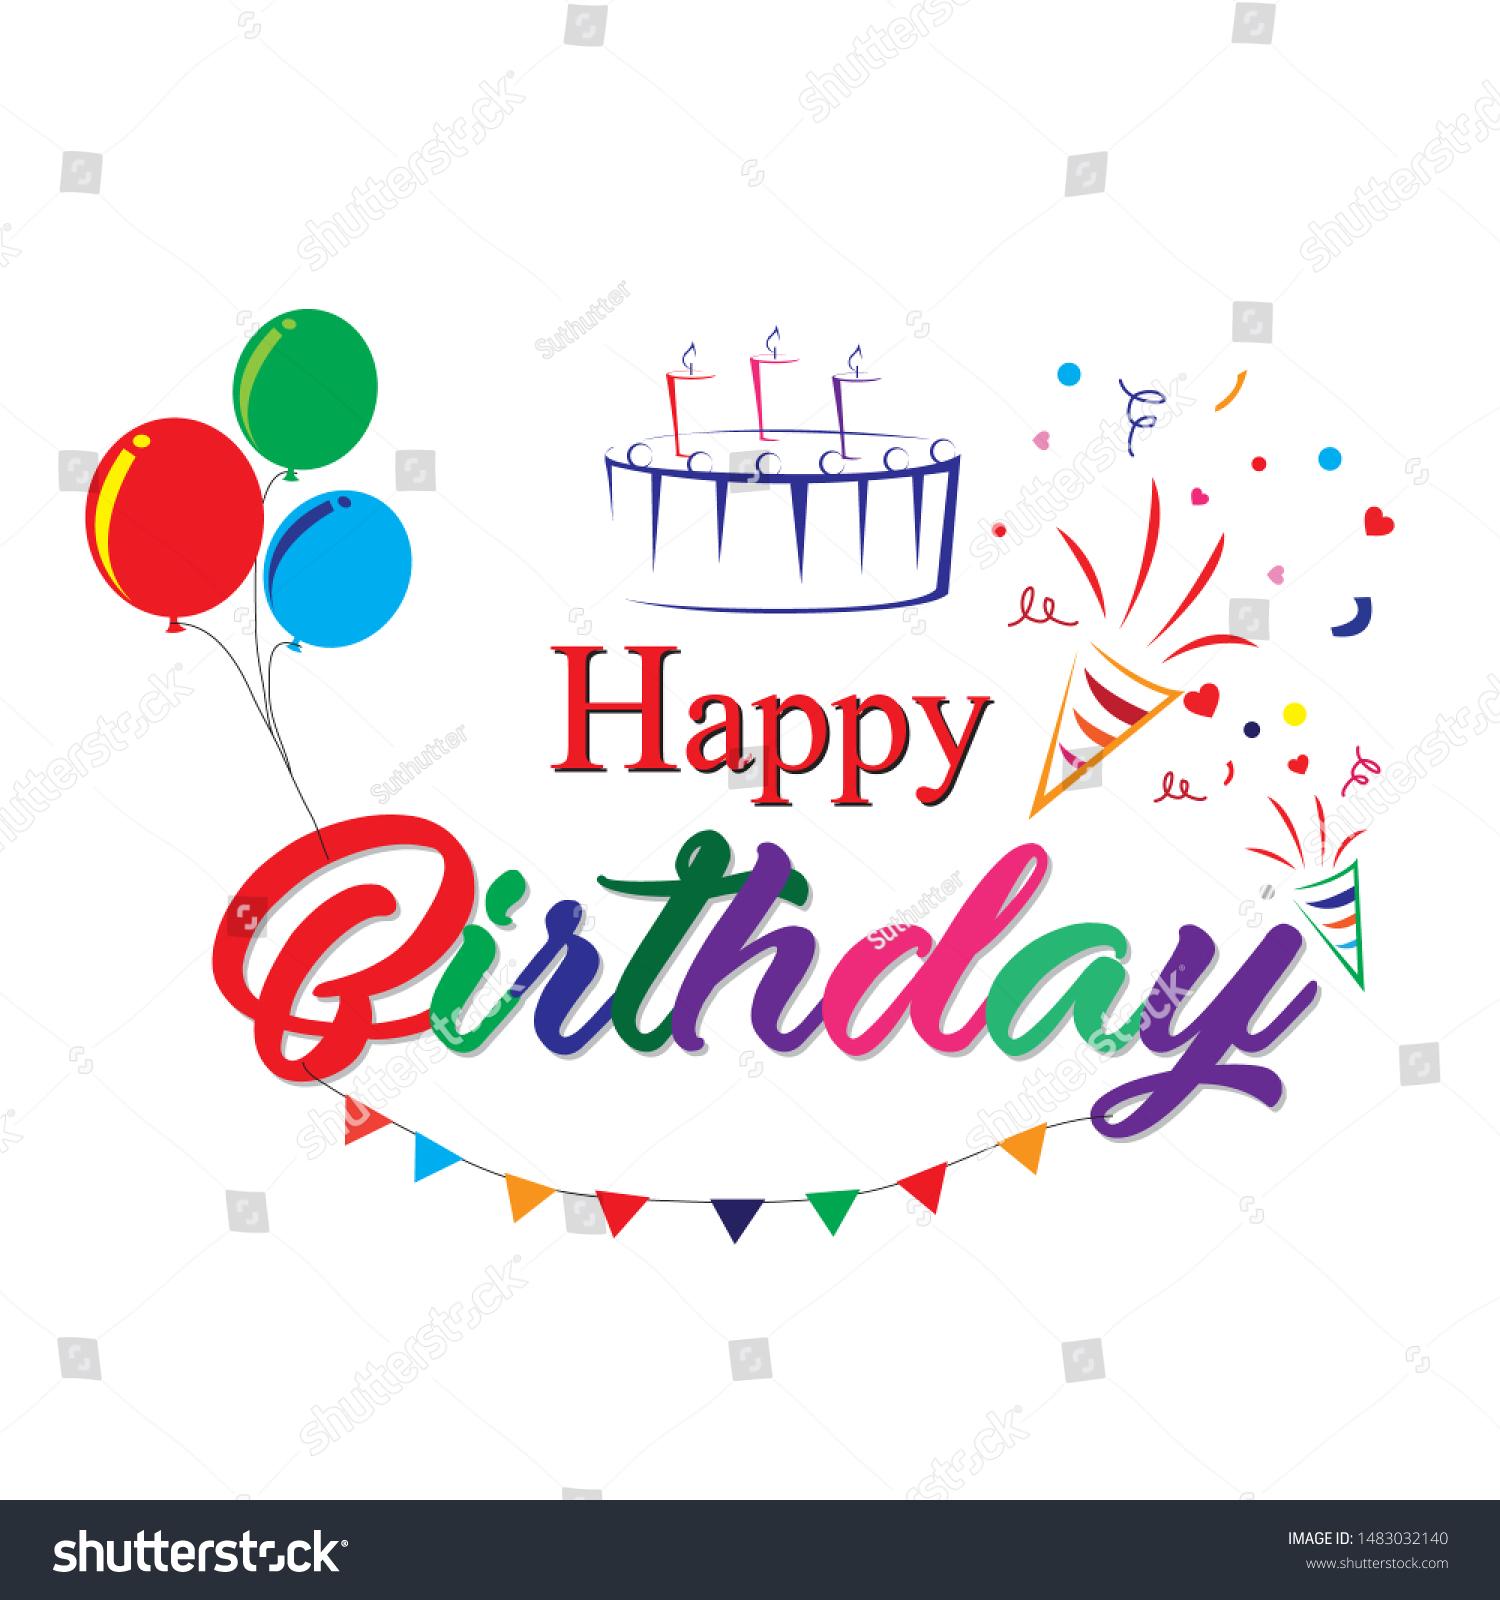 Typographic Design Happy Birthday On White Stock Vector Royalty Free 1483032140